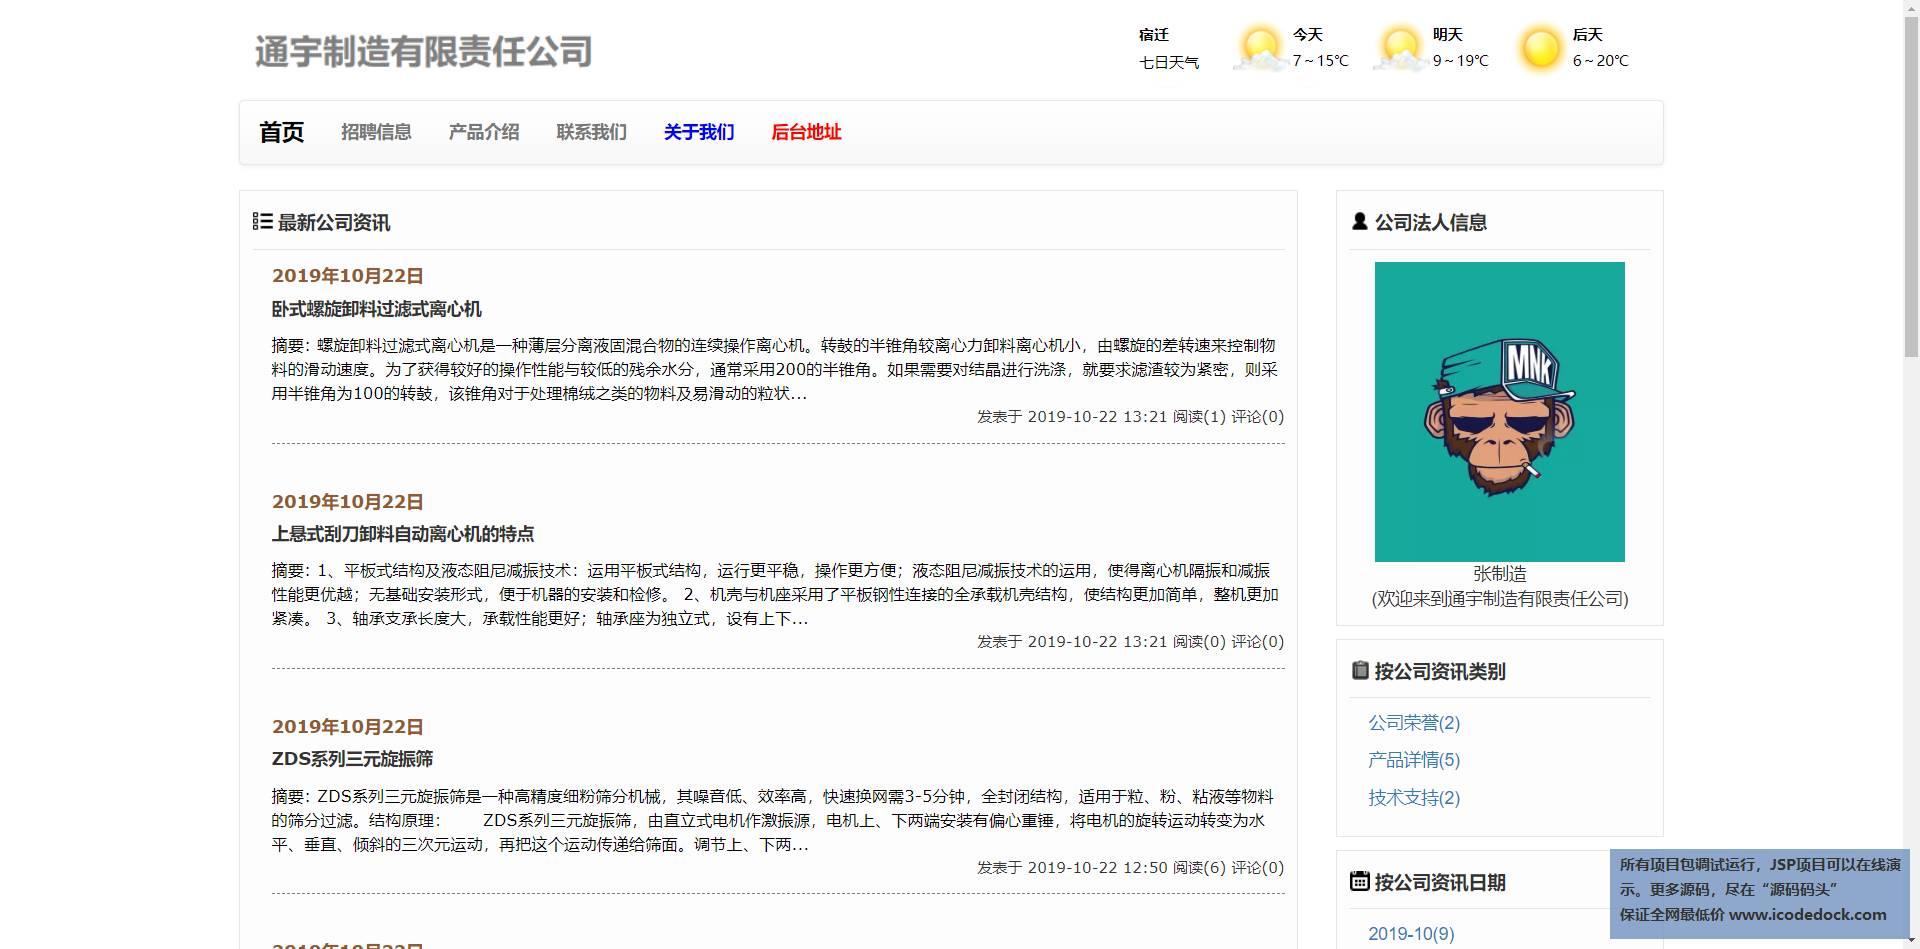 源码码头-SSM企业官方网站-用户角色-首页